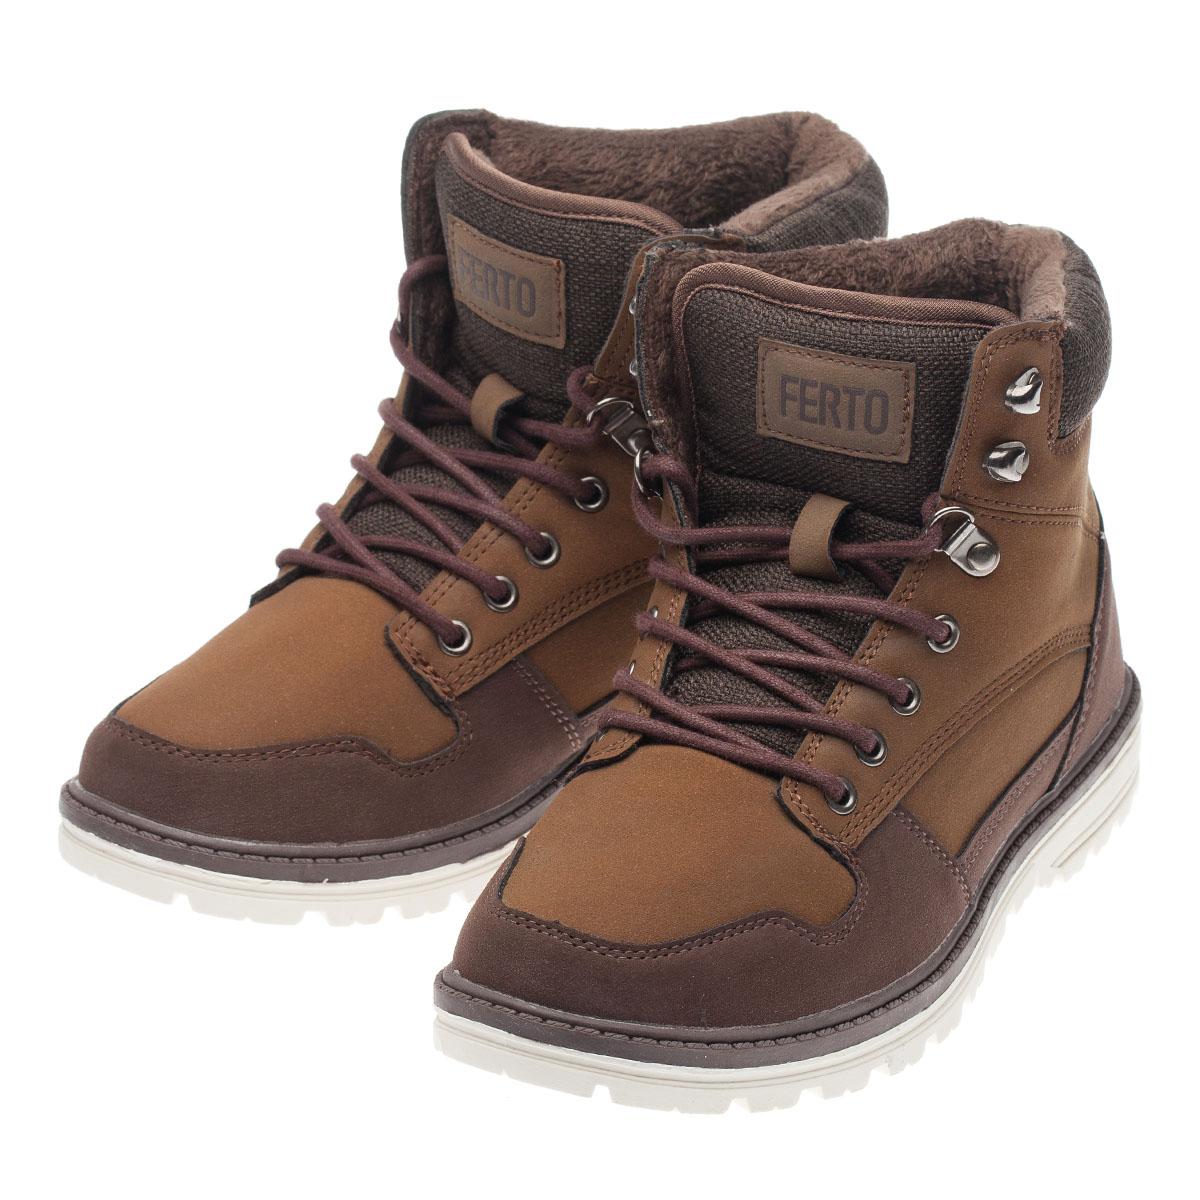 Фото - Ботинки демисезонные FERTO, HSL 17307 ботинки демисезонные ferto skl 008